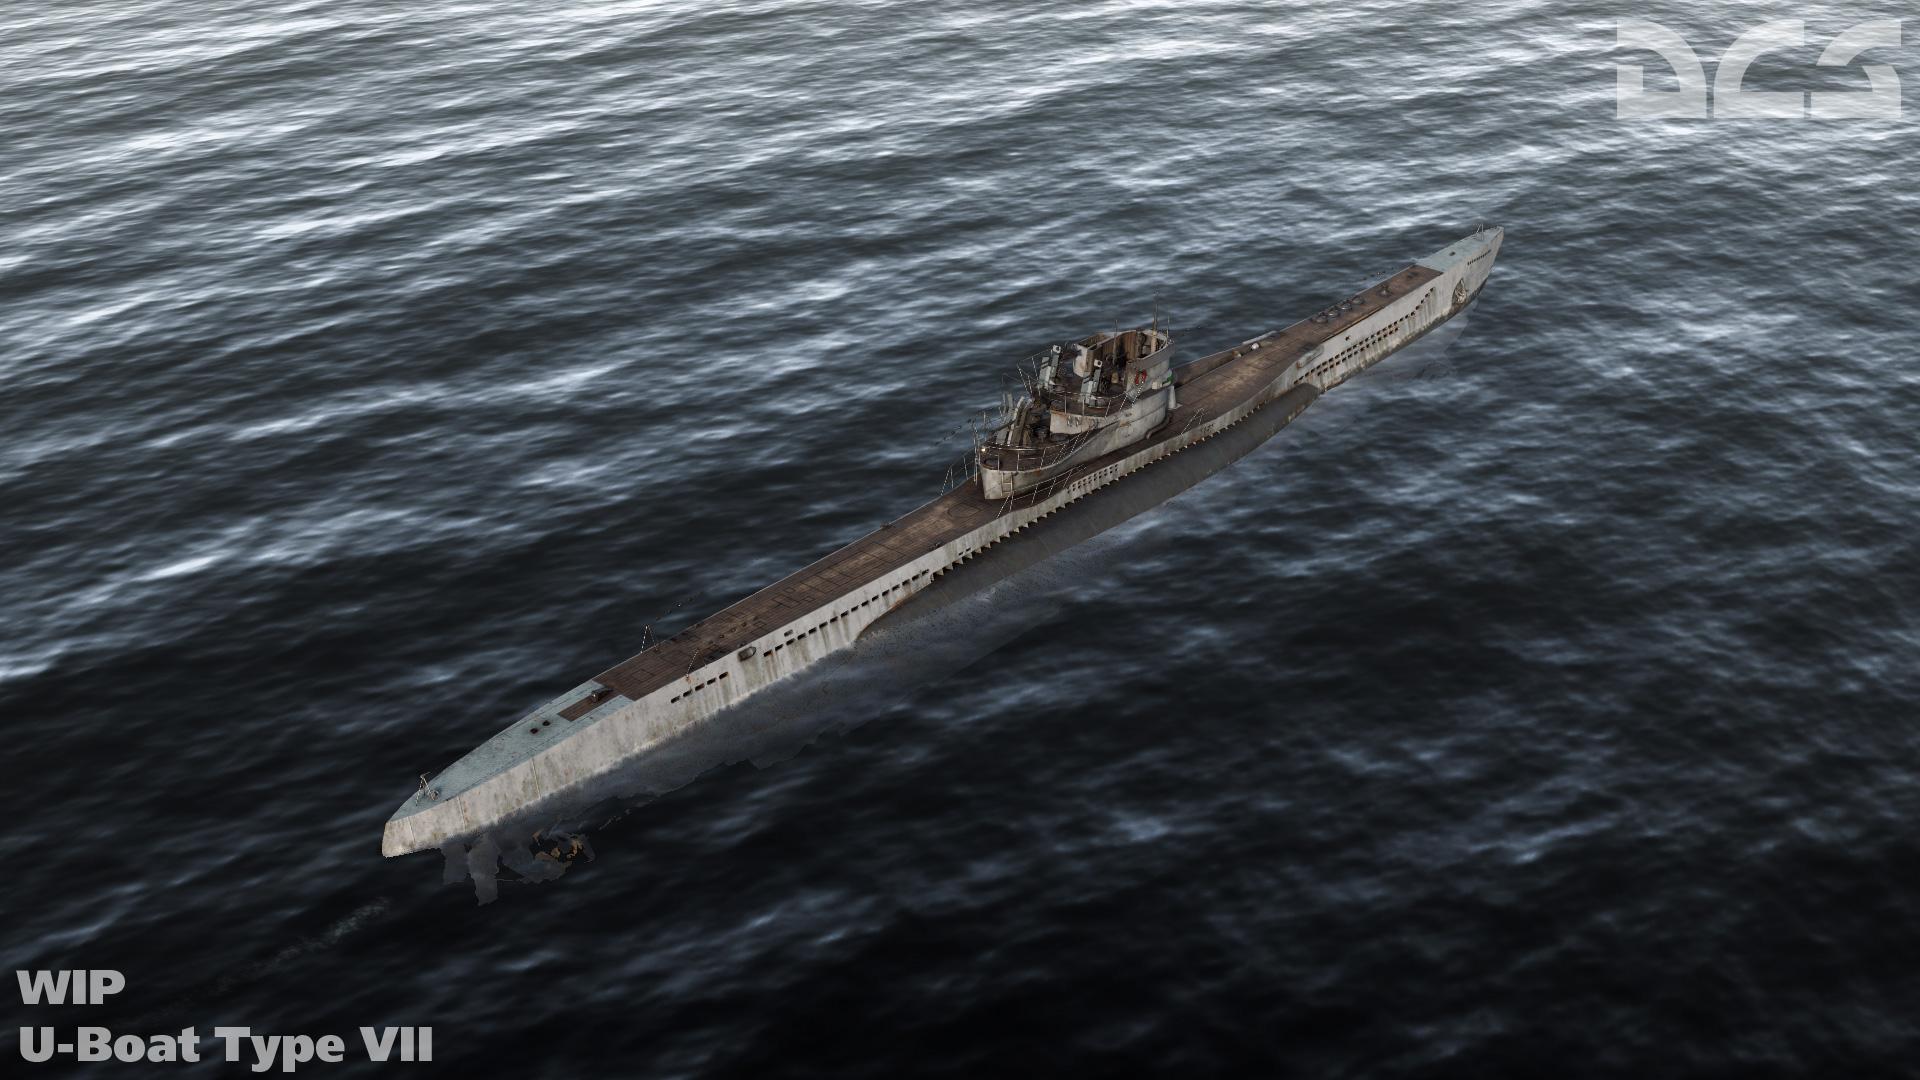 WIP-U-boat-Type-VII-02.jpg